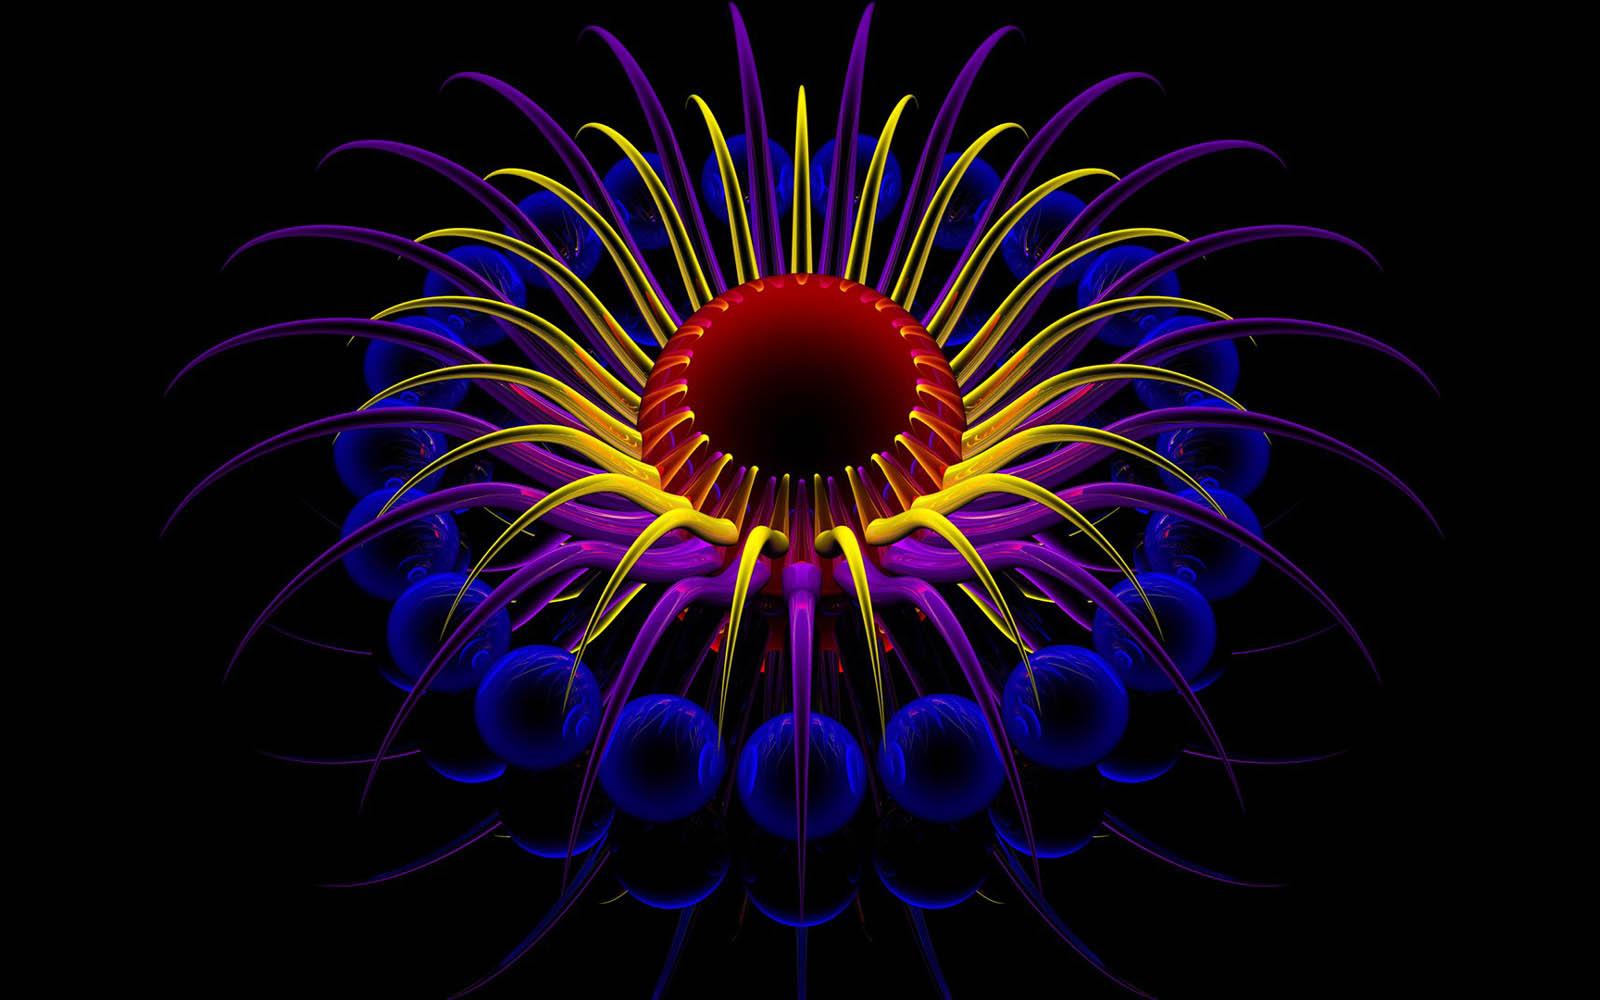 http://1.bp.blogspot.com/-nVnt8p_SSss/UMiou9hSCUI/AAAAAAAAO8Y/hf1VOfWbE_E/s1600/Neon%2BArt%2BWallpapers.jpg